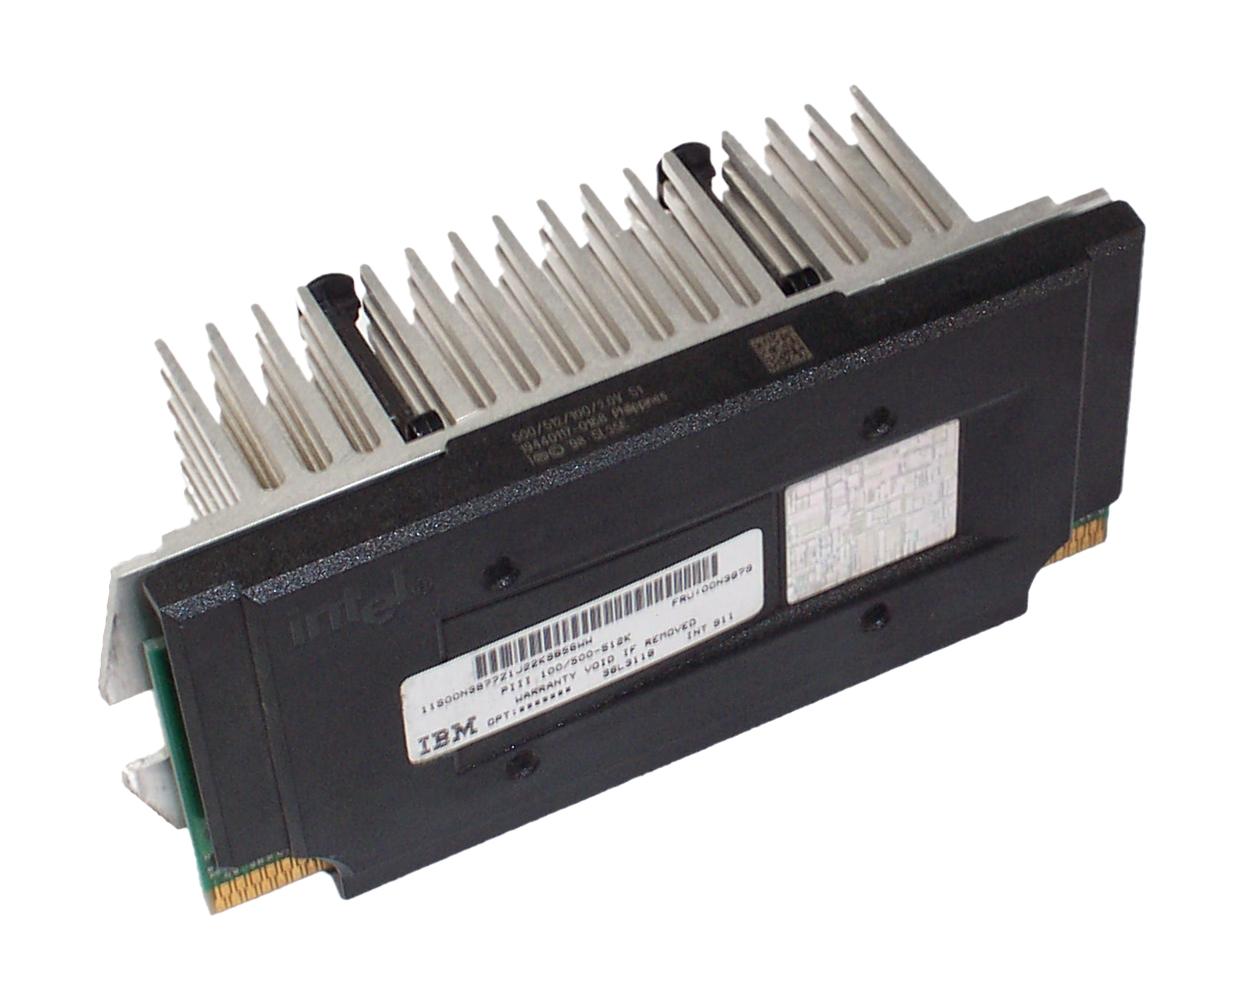 IBM 00N3879 Netfinity 5000 Intel SL35E Pentium 3 500MHz Slot 1 Processor